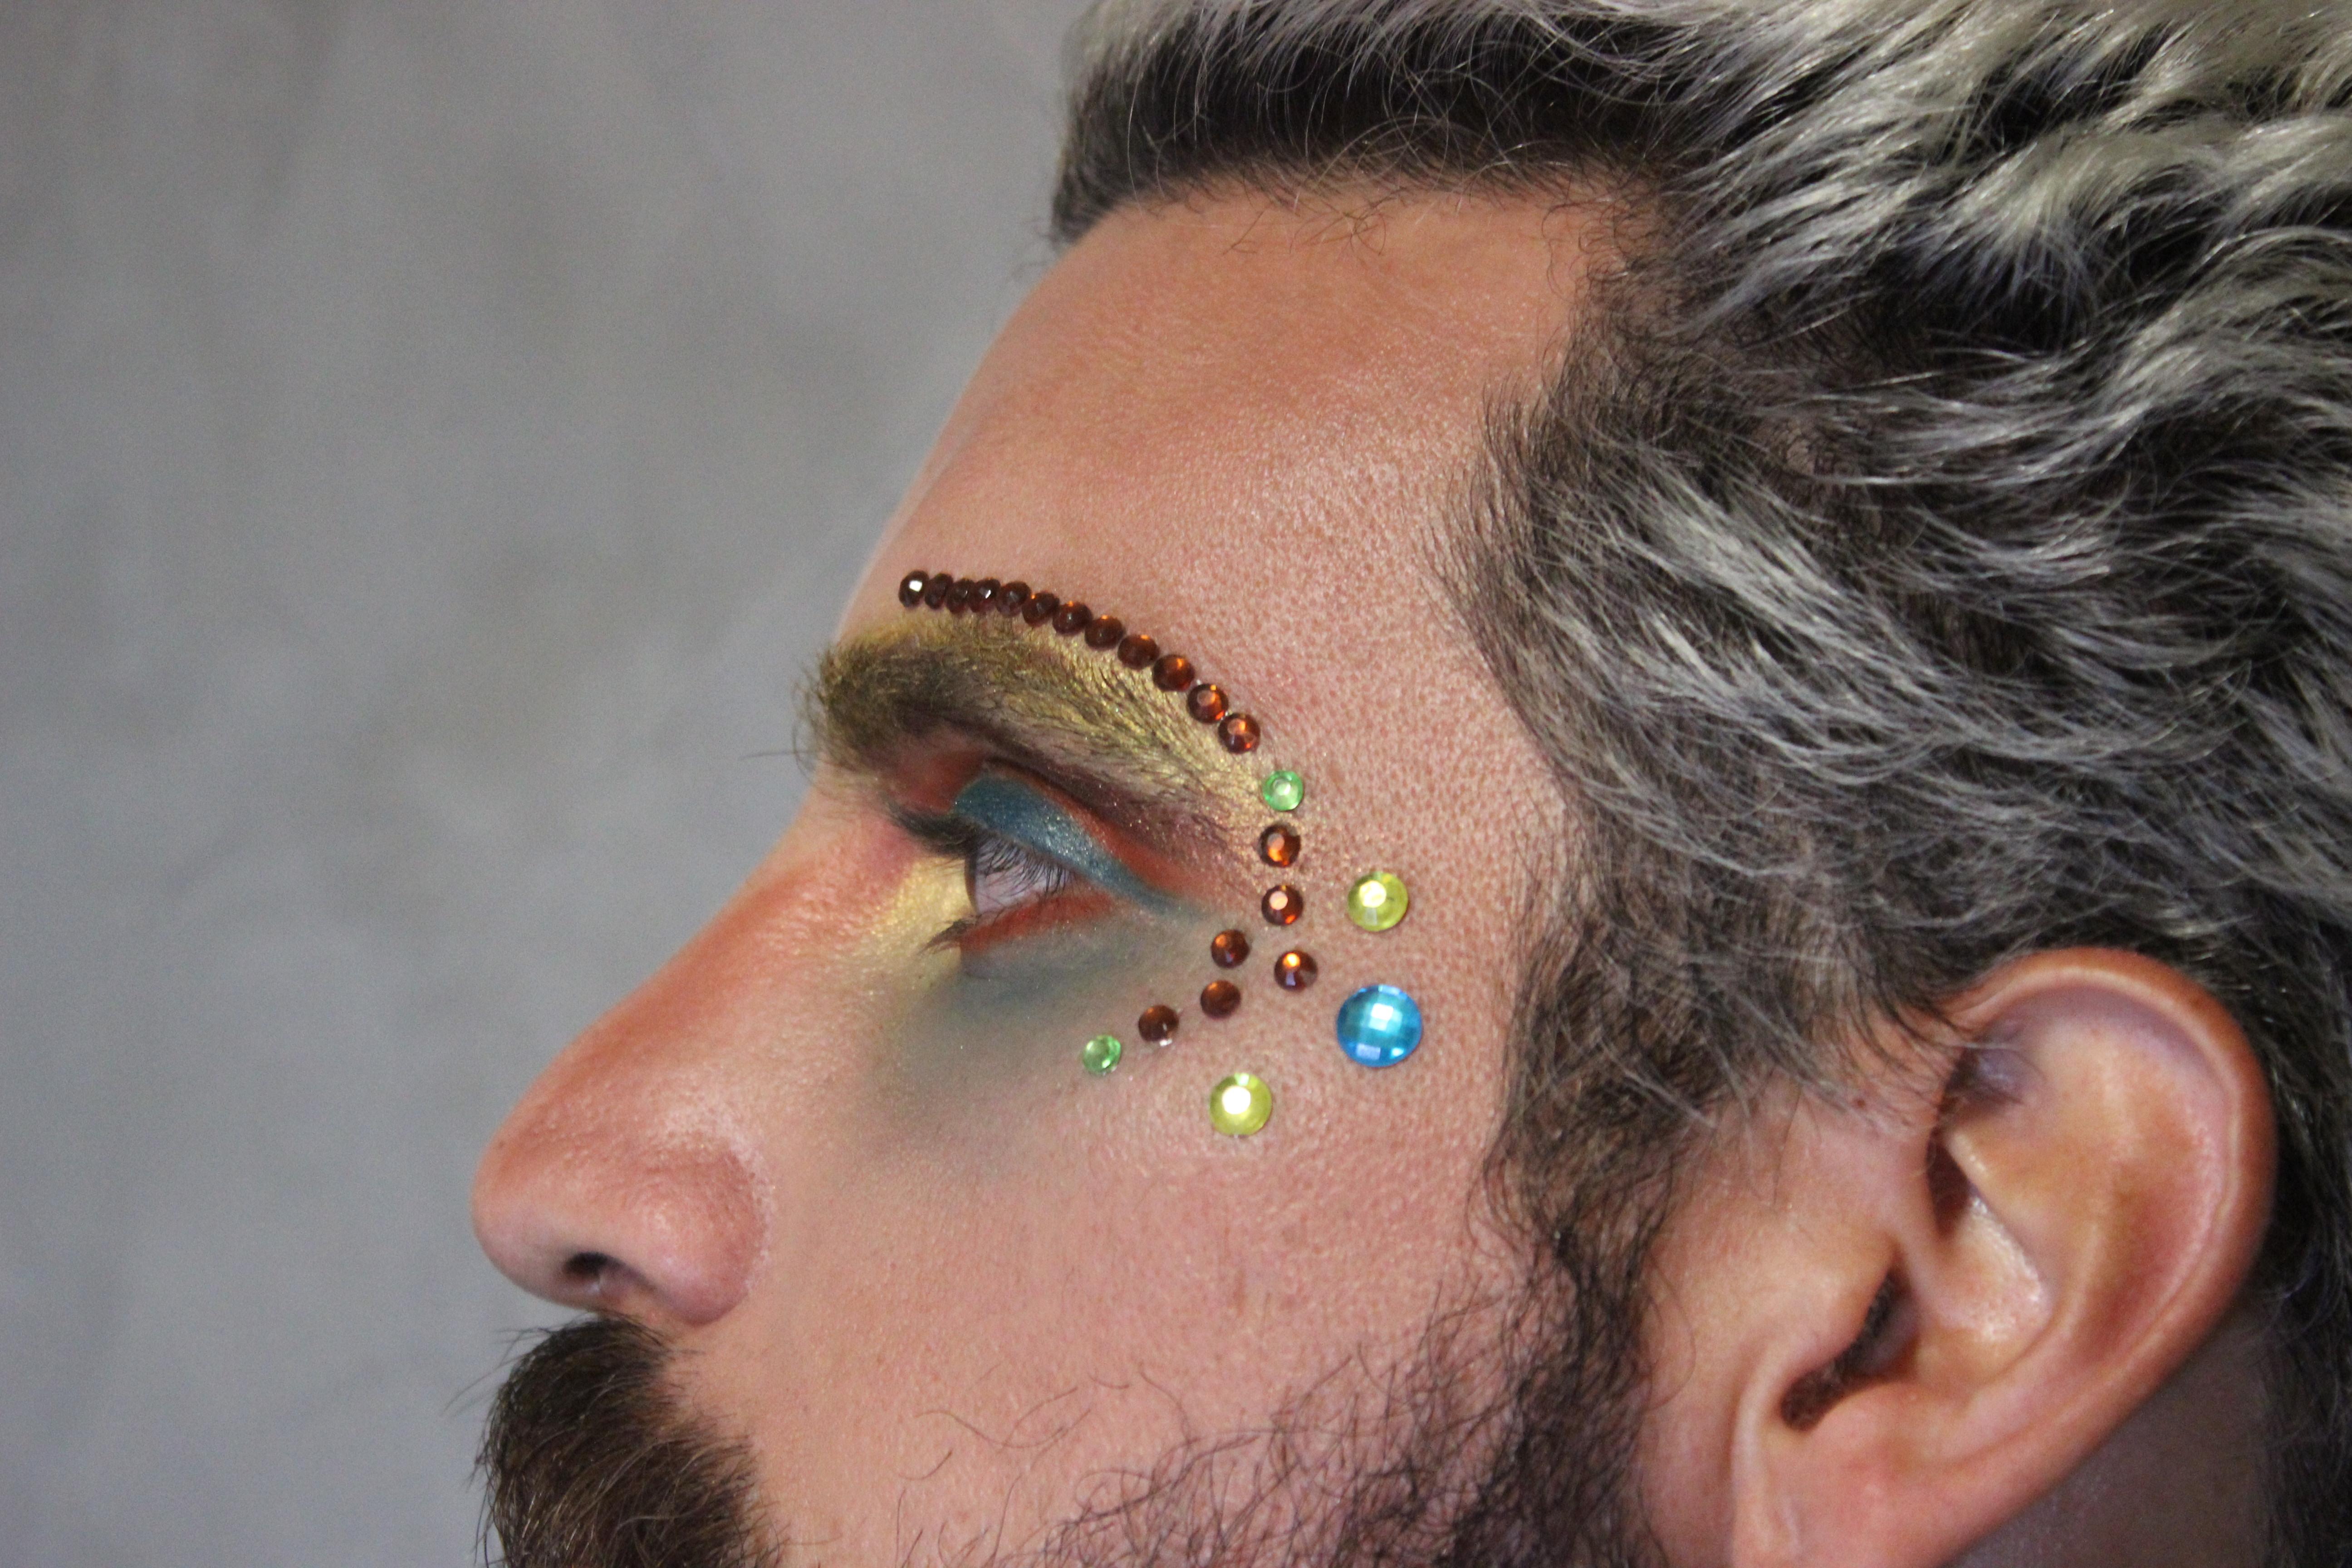 maquiagem masculina, maquiagem carnaval 2017, maquiagem para homem, fantasia masculina 2017, carnaval 2017, mens, grooming, dicas de moda, moda sem censura, alex cursino, blog de moda masculina (1)